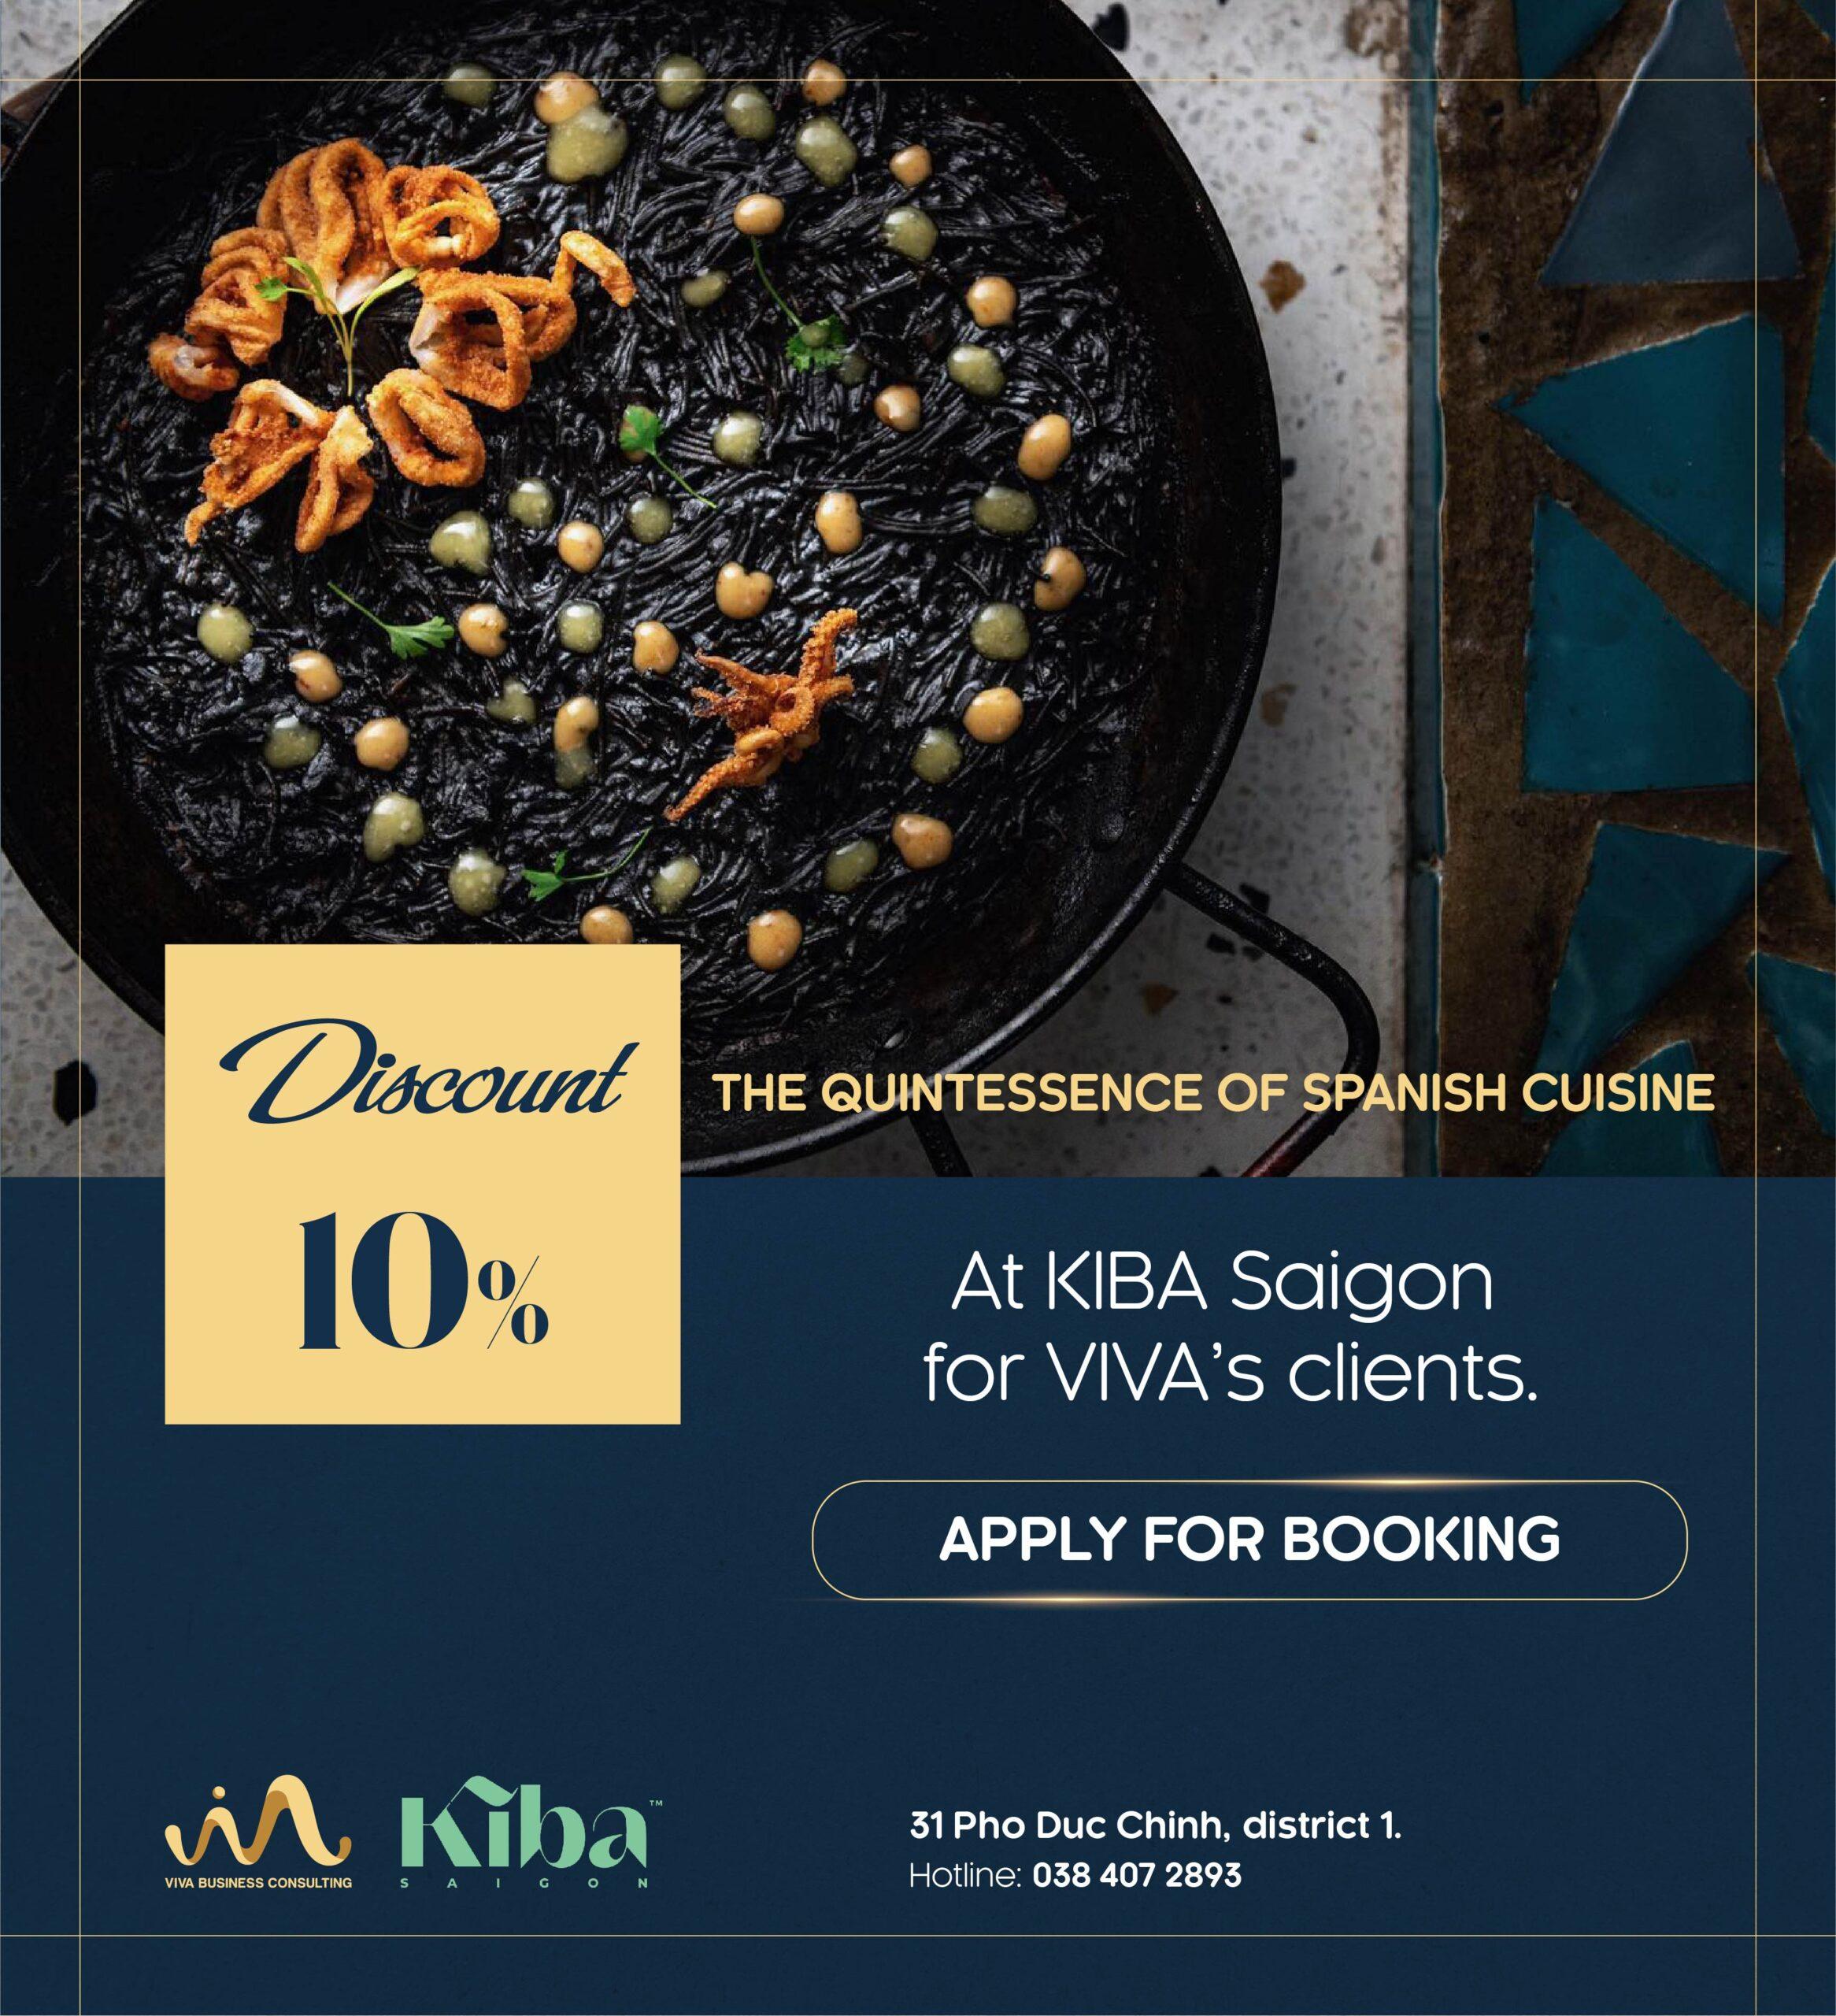 KIBA Saigon promotion